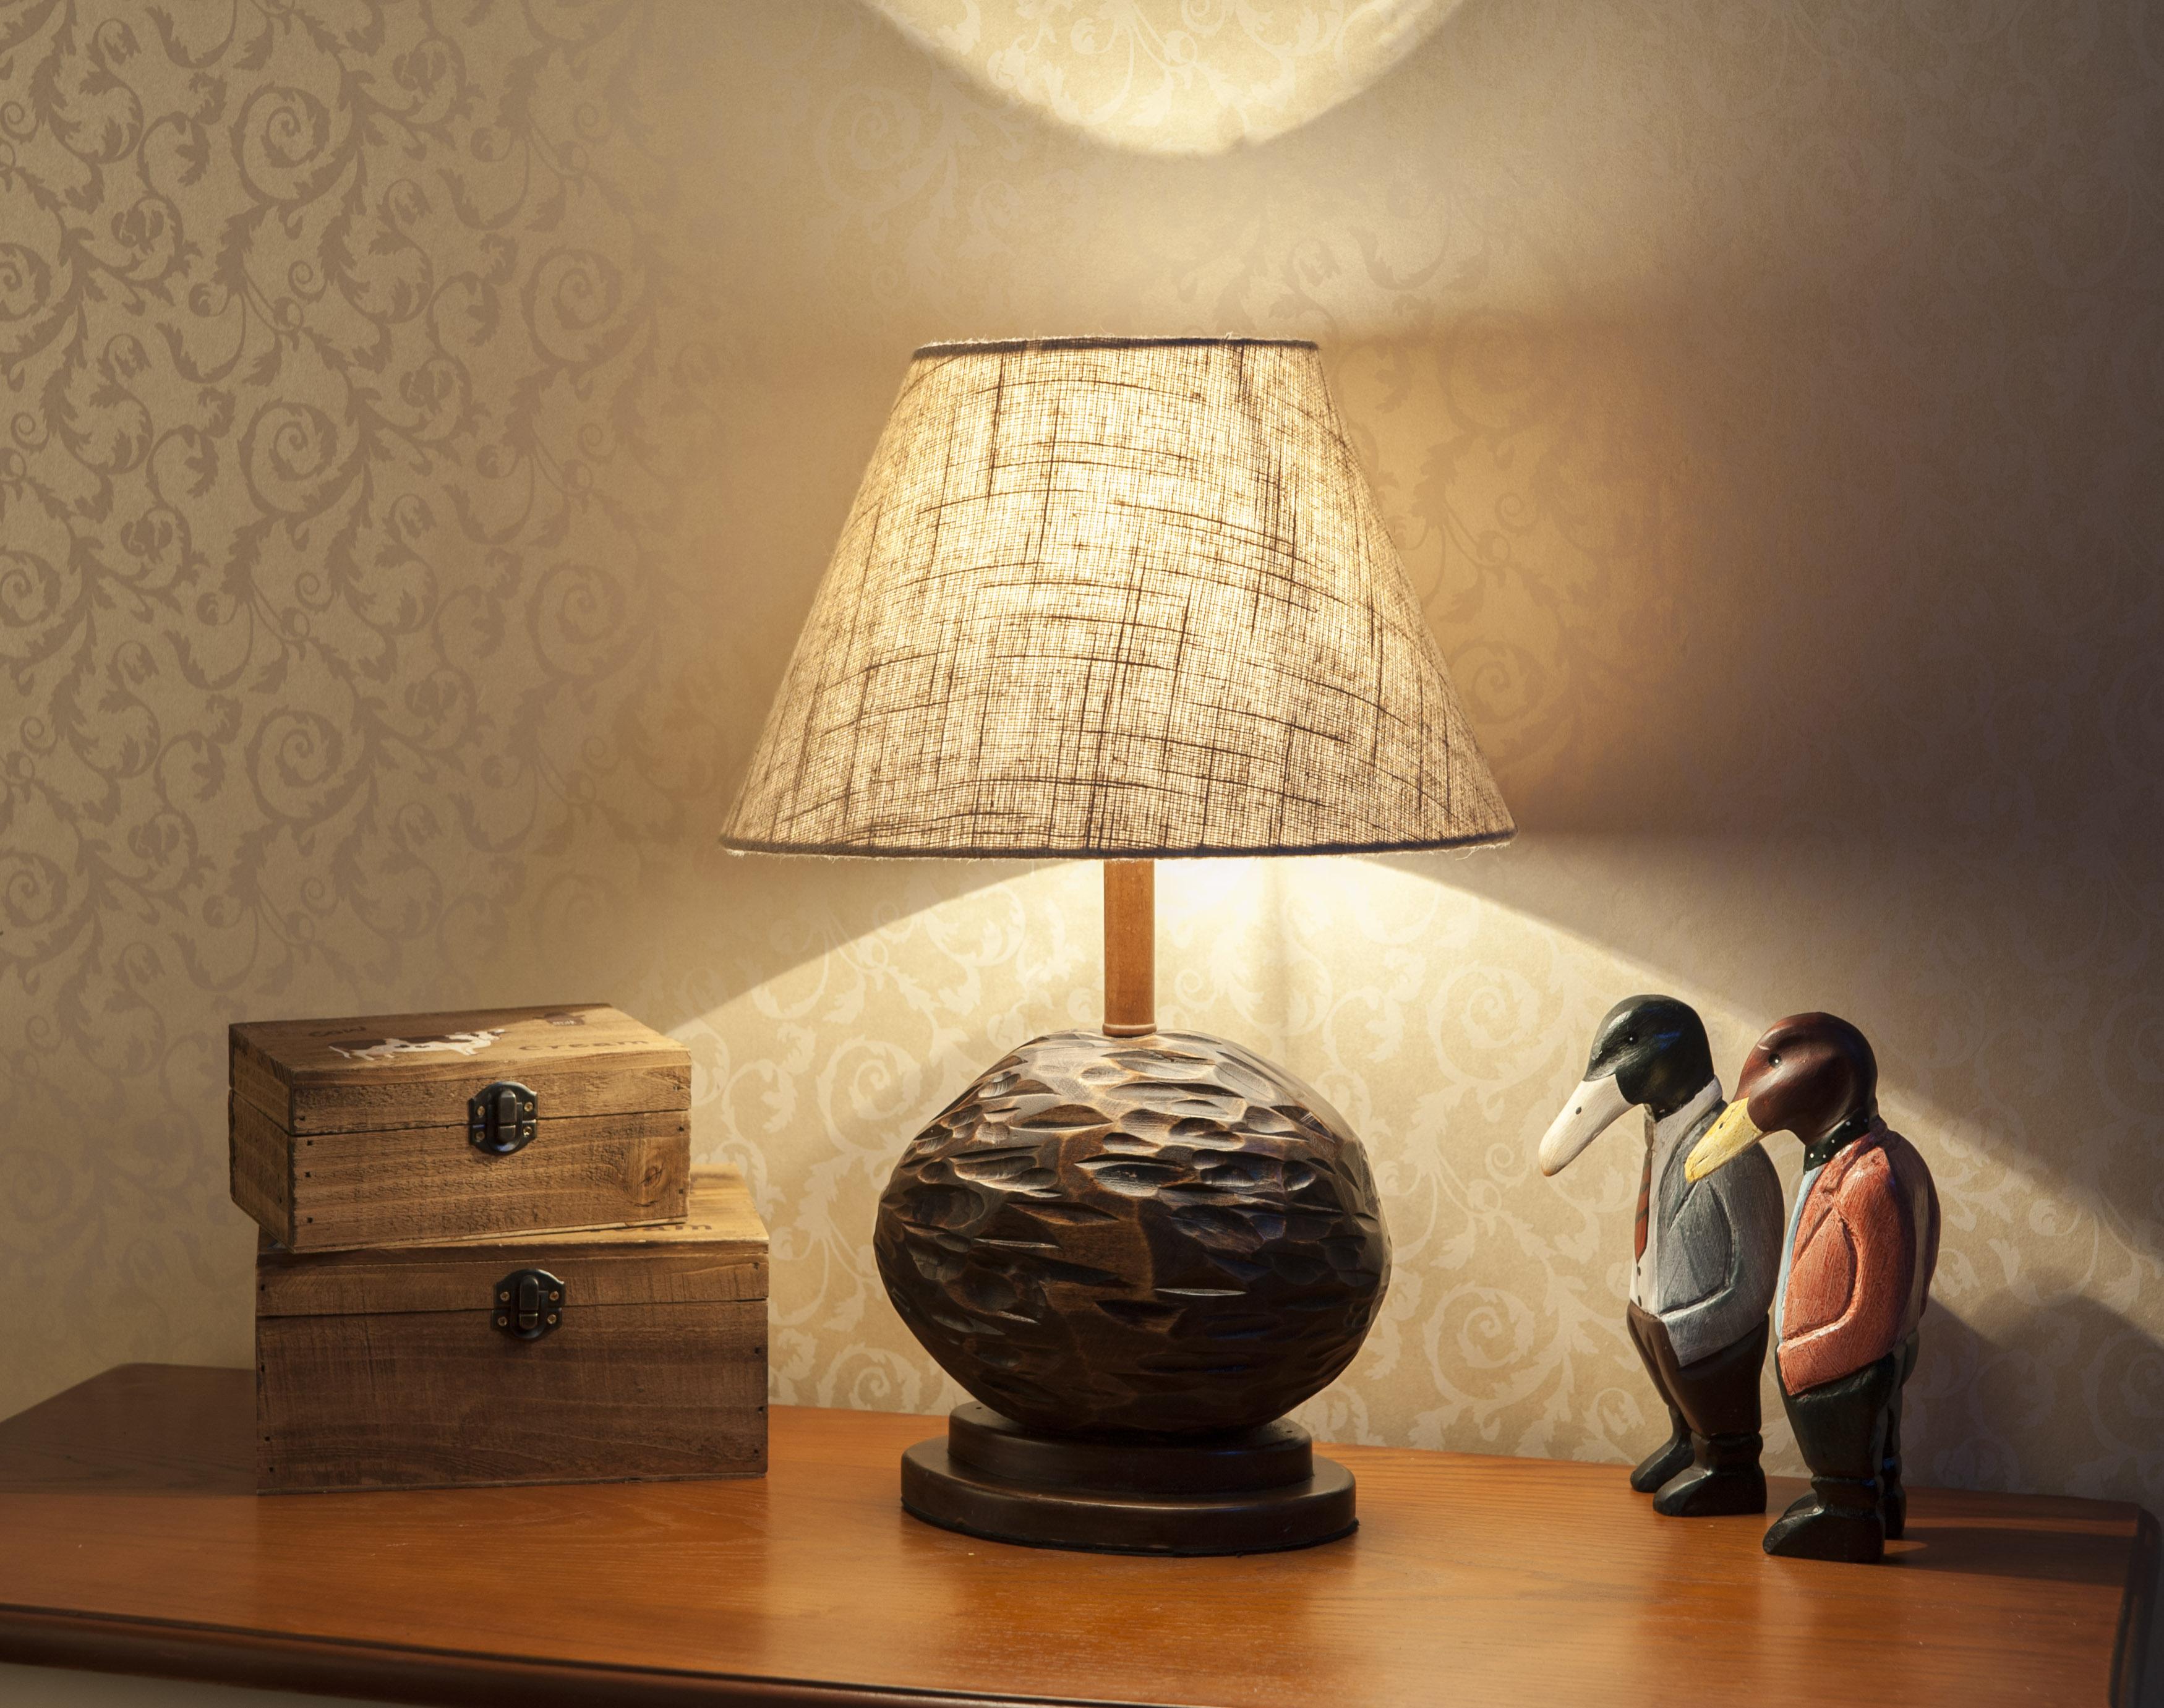 欧式台灯美式卧室床头灯英伦复古典实木调光客厅书房